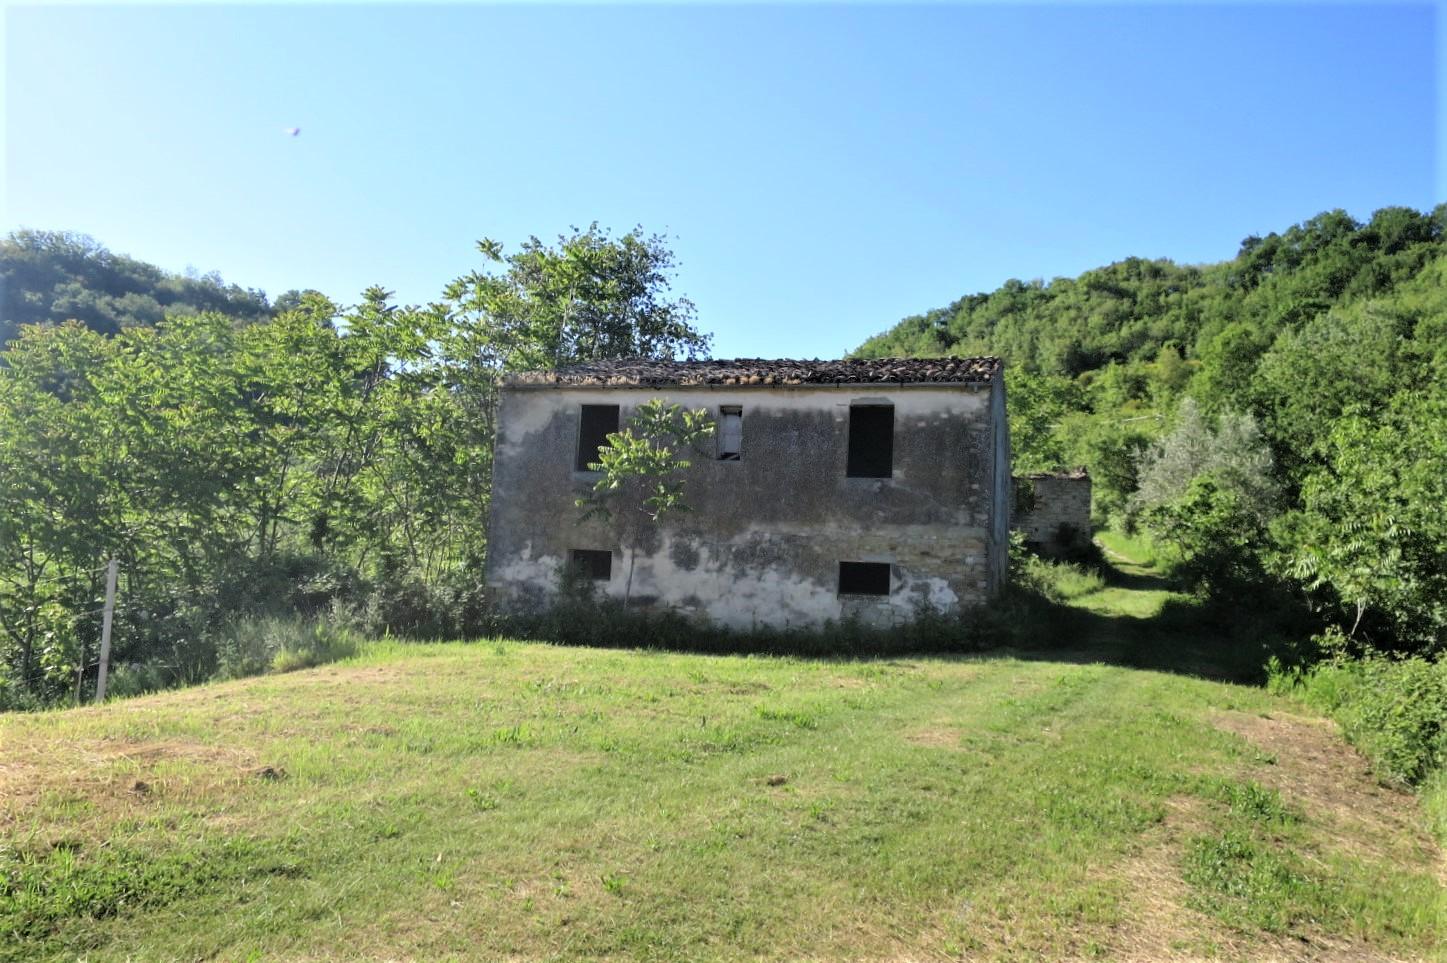 Country Houses Country Houses for sale Castiglione Messer Raimondo (TE), Casa Paradiso - Castiglione Messer Raimondo - EUR 181.096 430